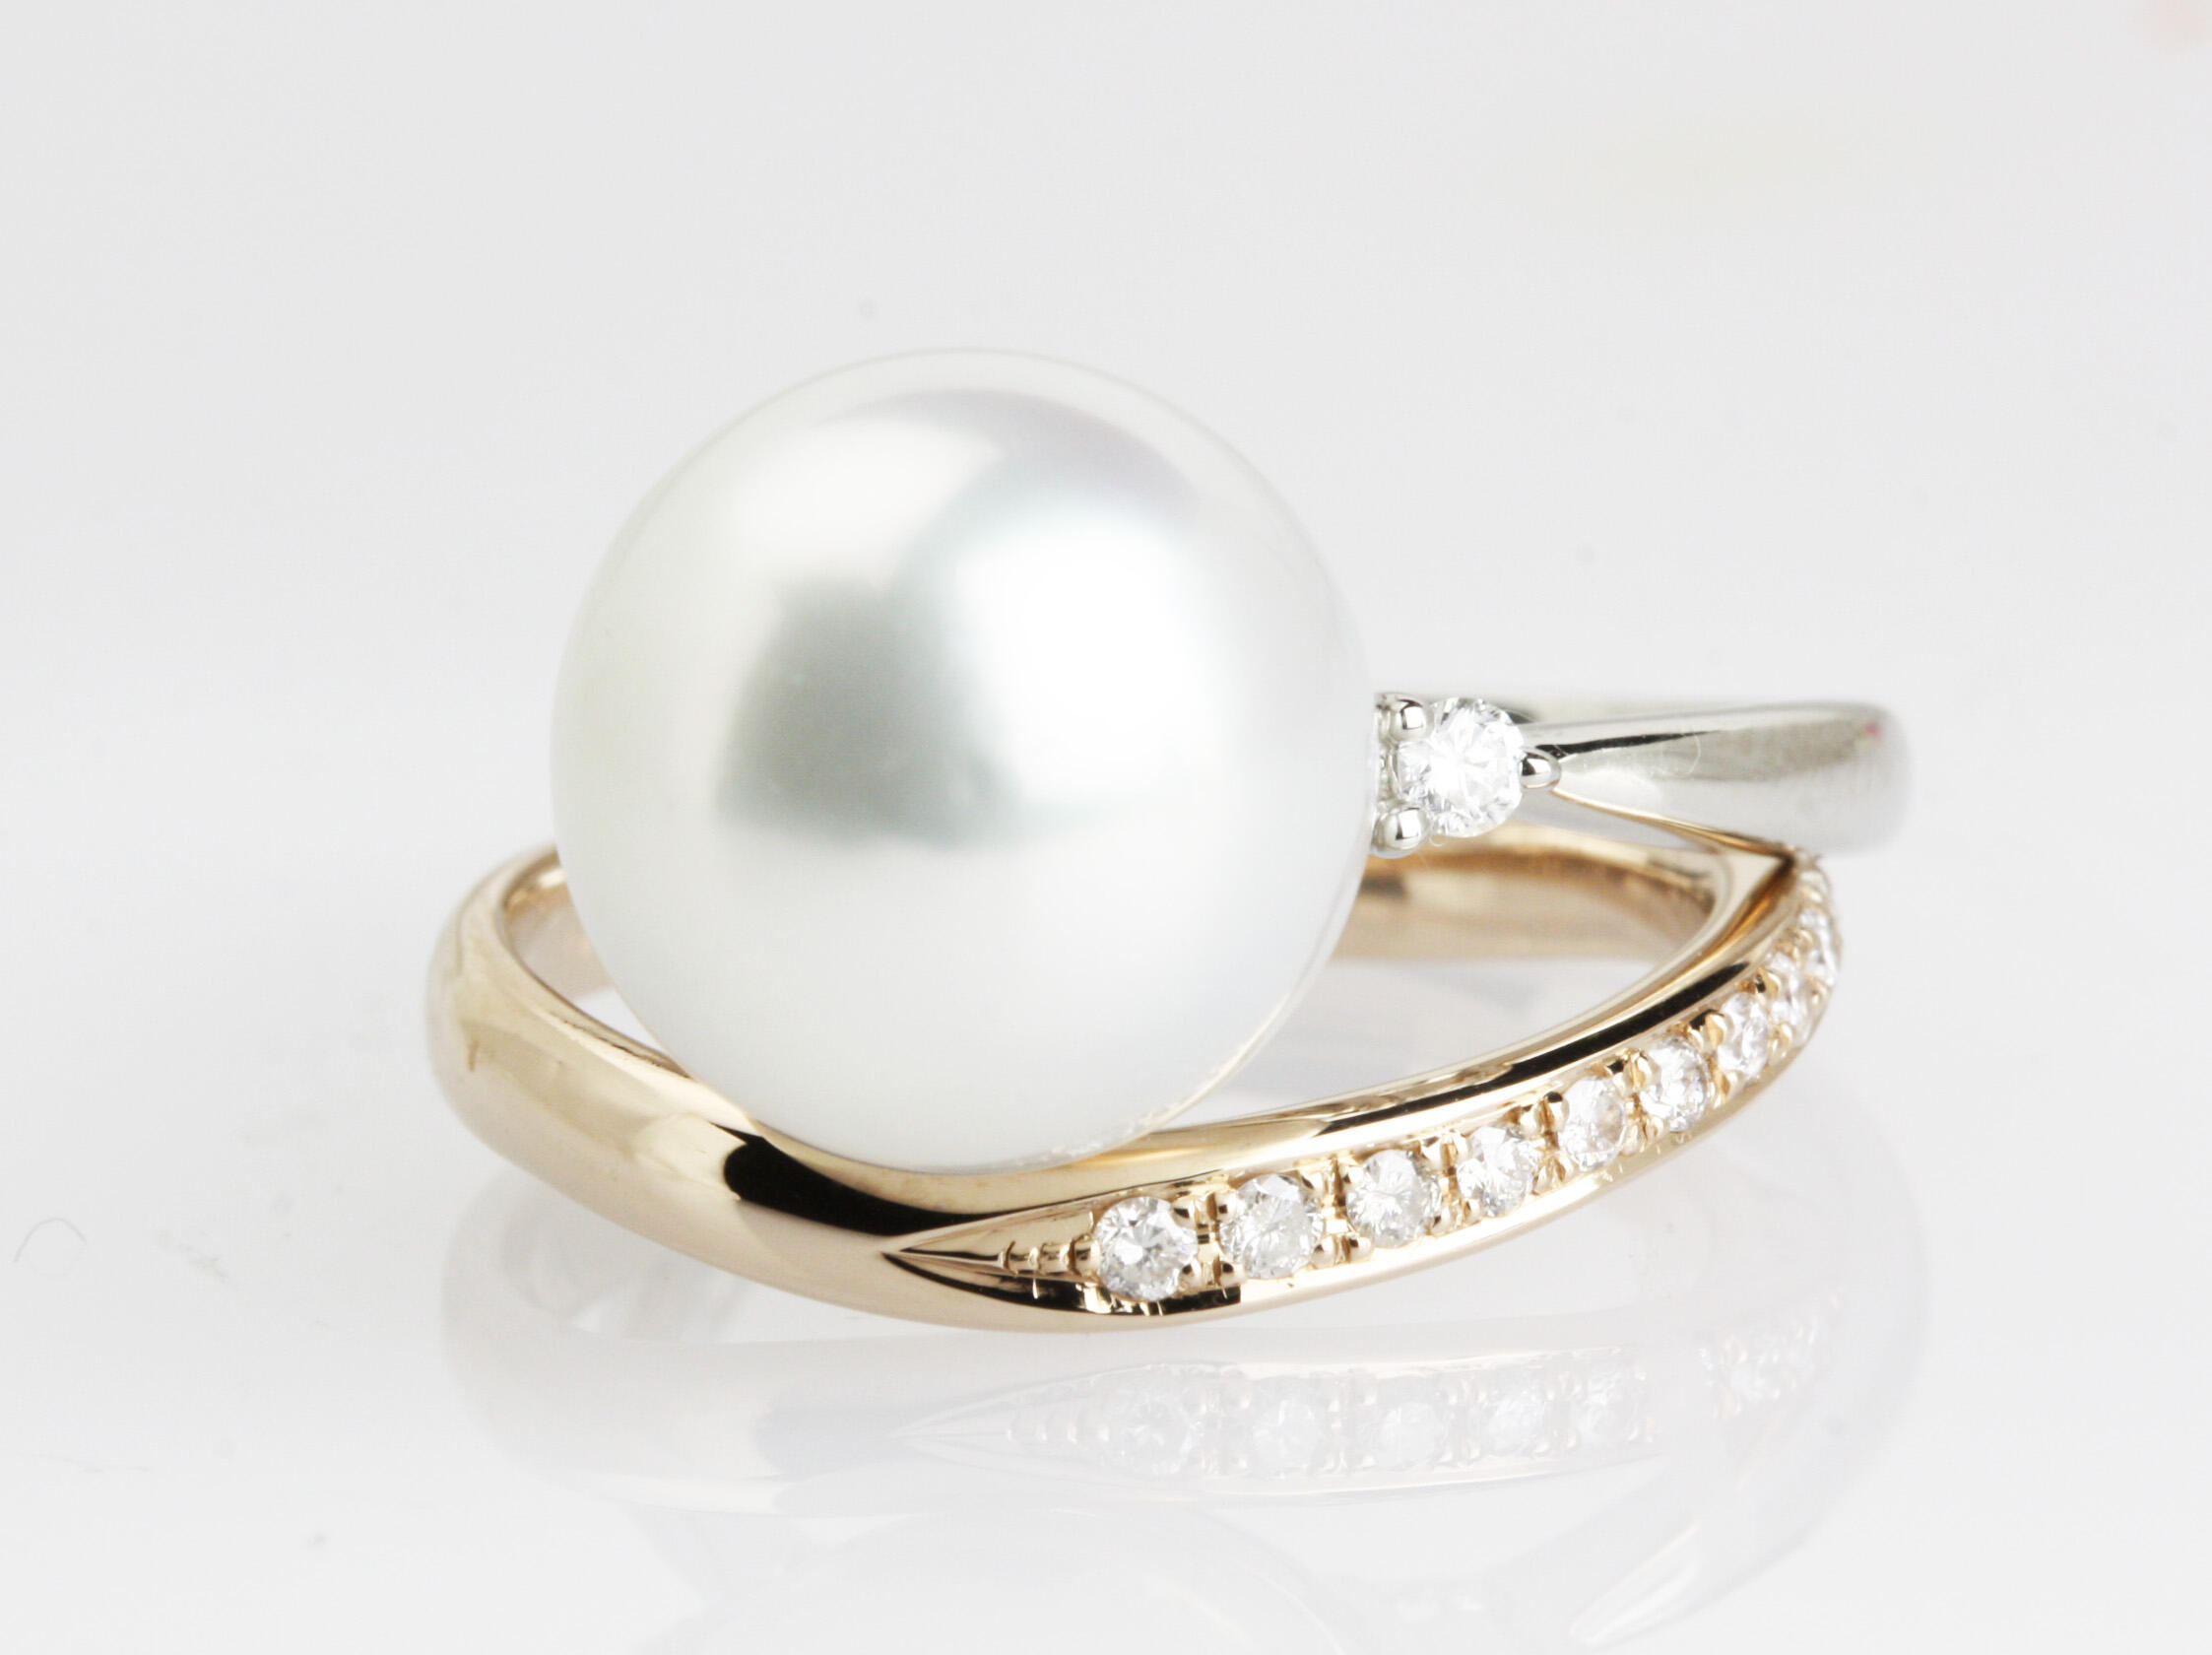 南洋真珠とダイヤモンドリングのコーディネート